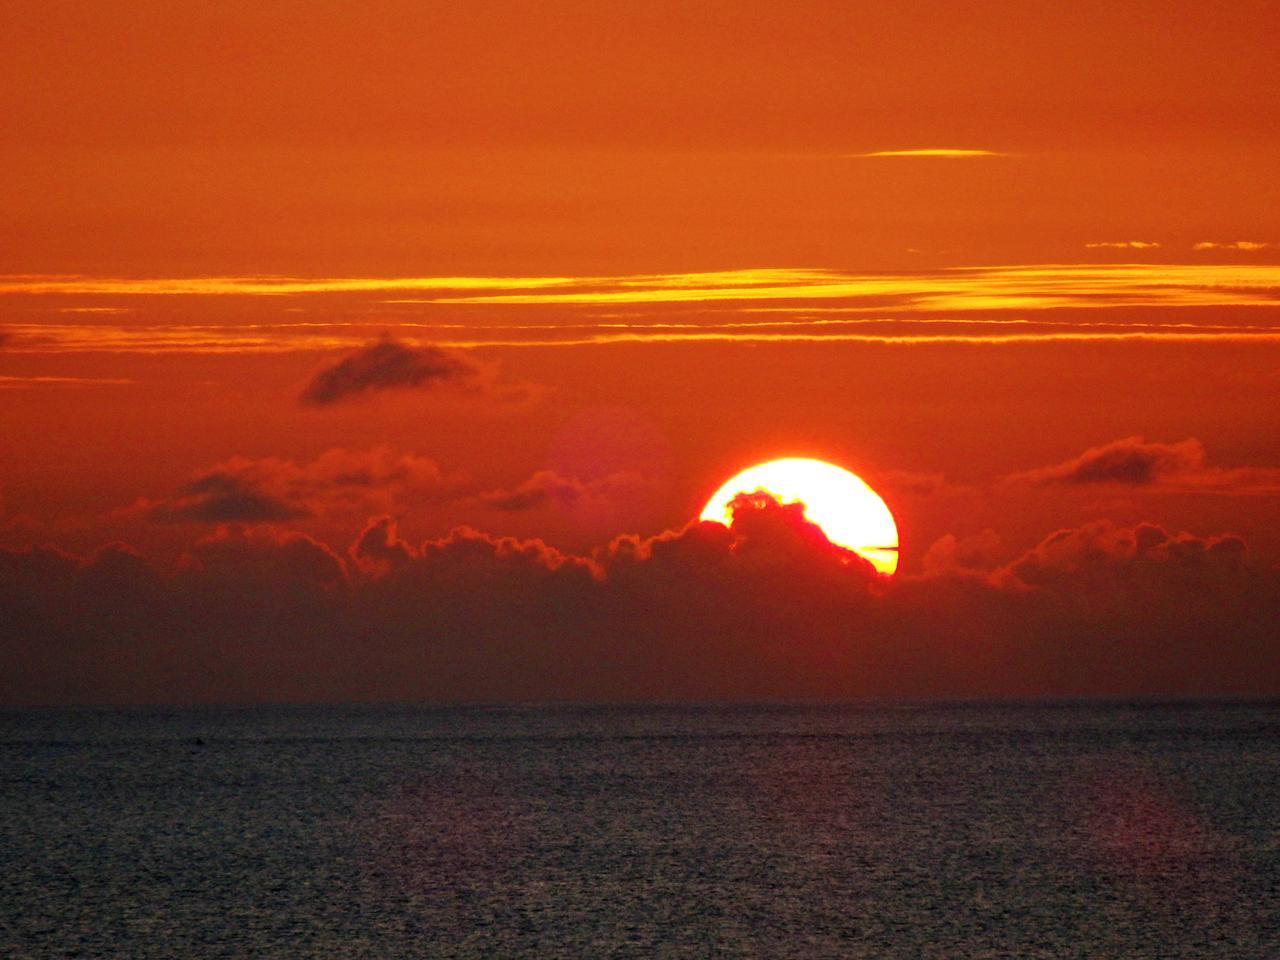 画像: 宮古島東急ホテル から見る美しすぎる残照-沖縄旅行激安予約サイトの沖縄旅予約ドットコム